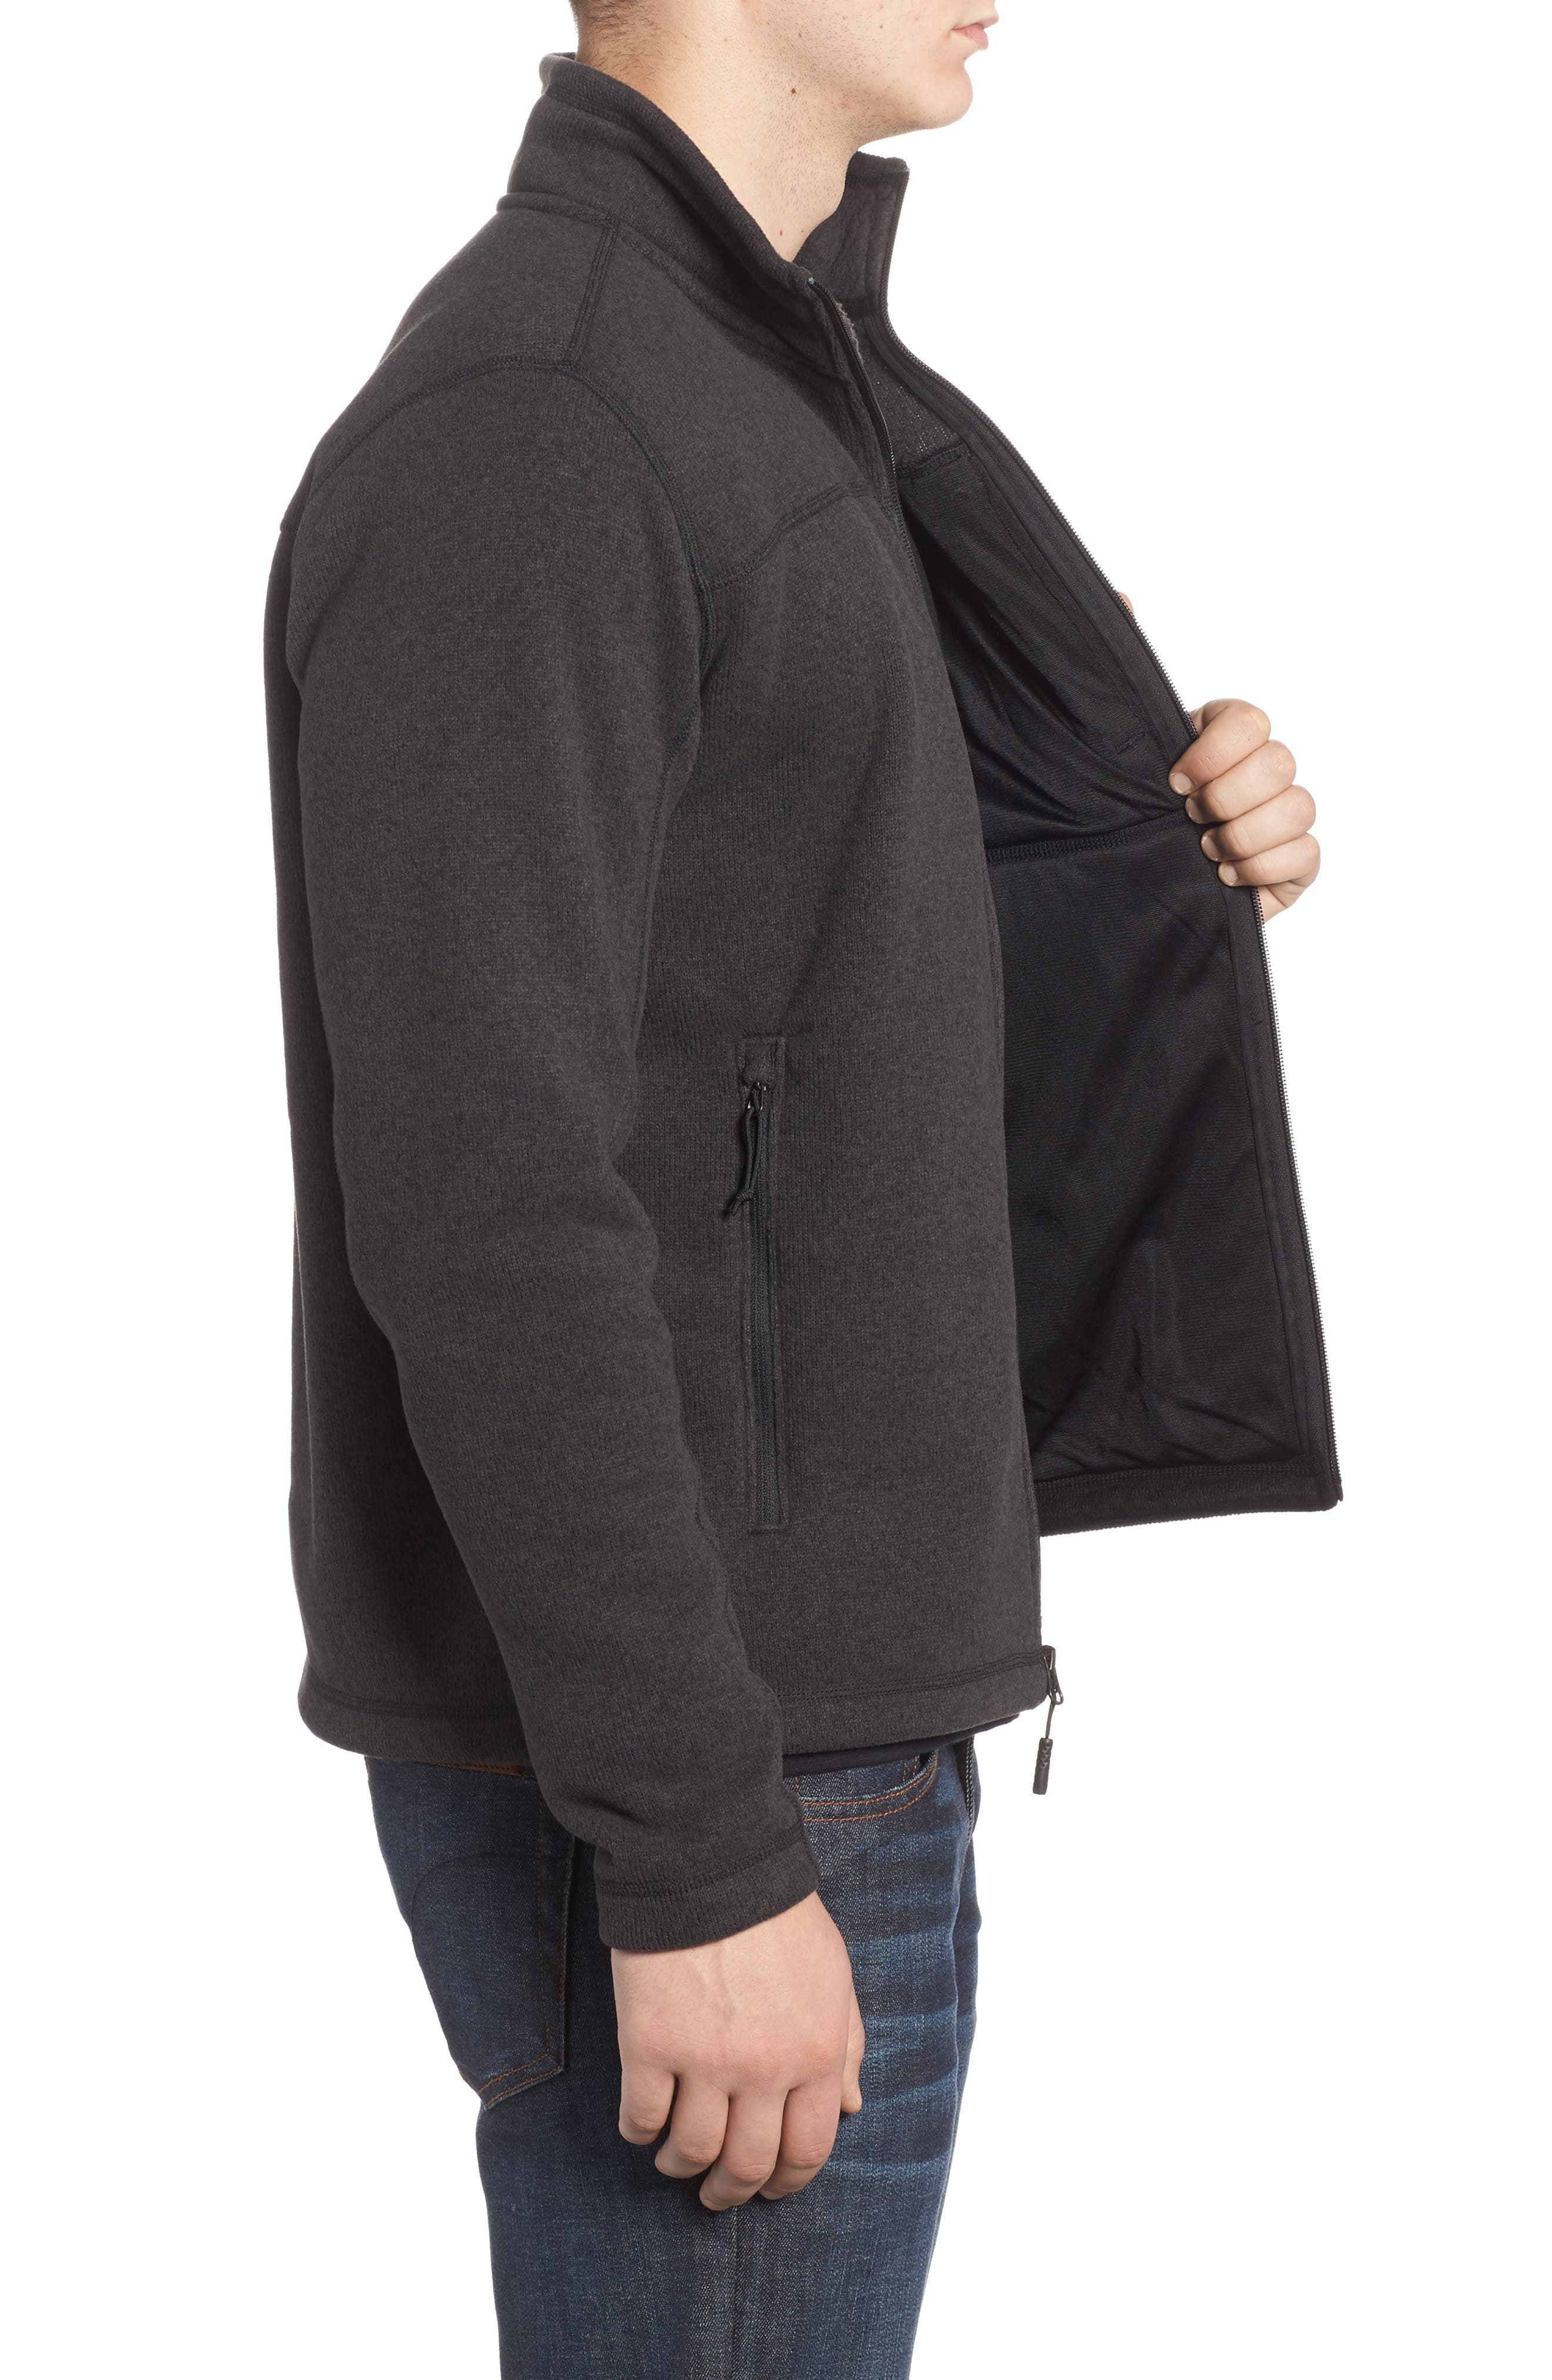 'Gordon Lyons' Zip Fleece Jacket,                             Alternate thumbnail 3, color,                             BLACK HEATHER